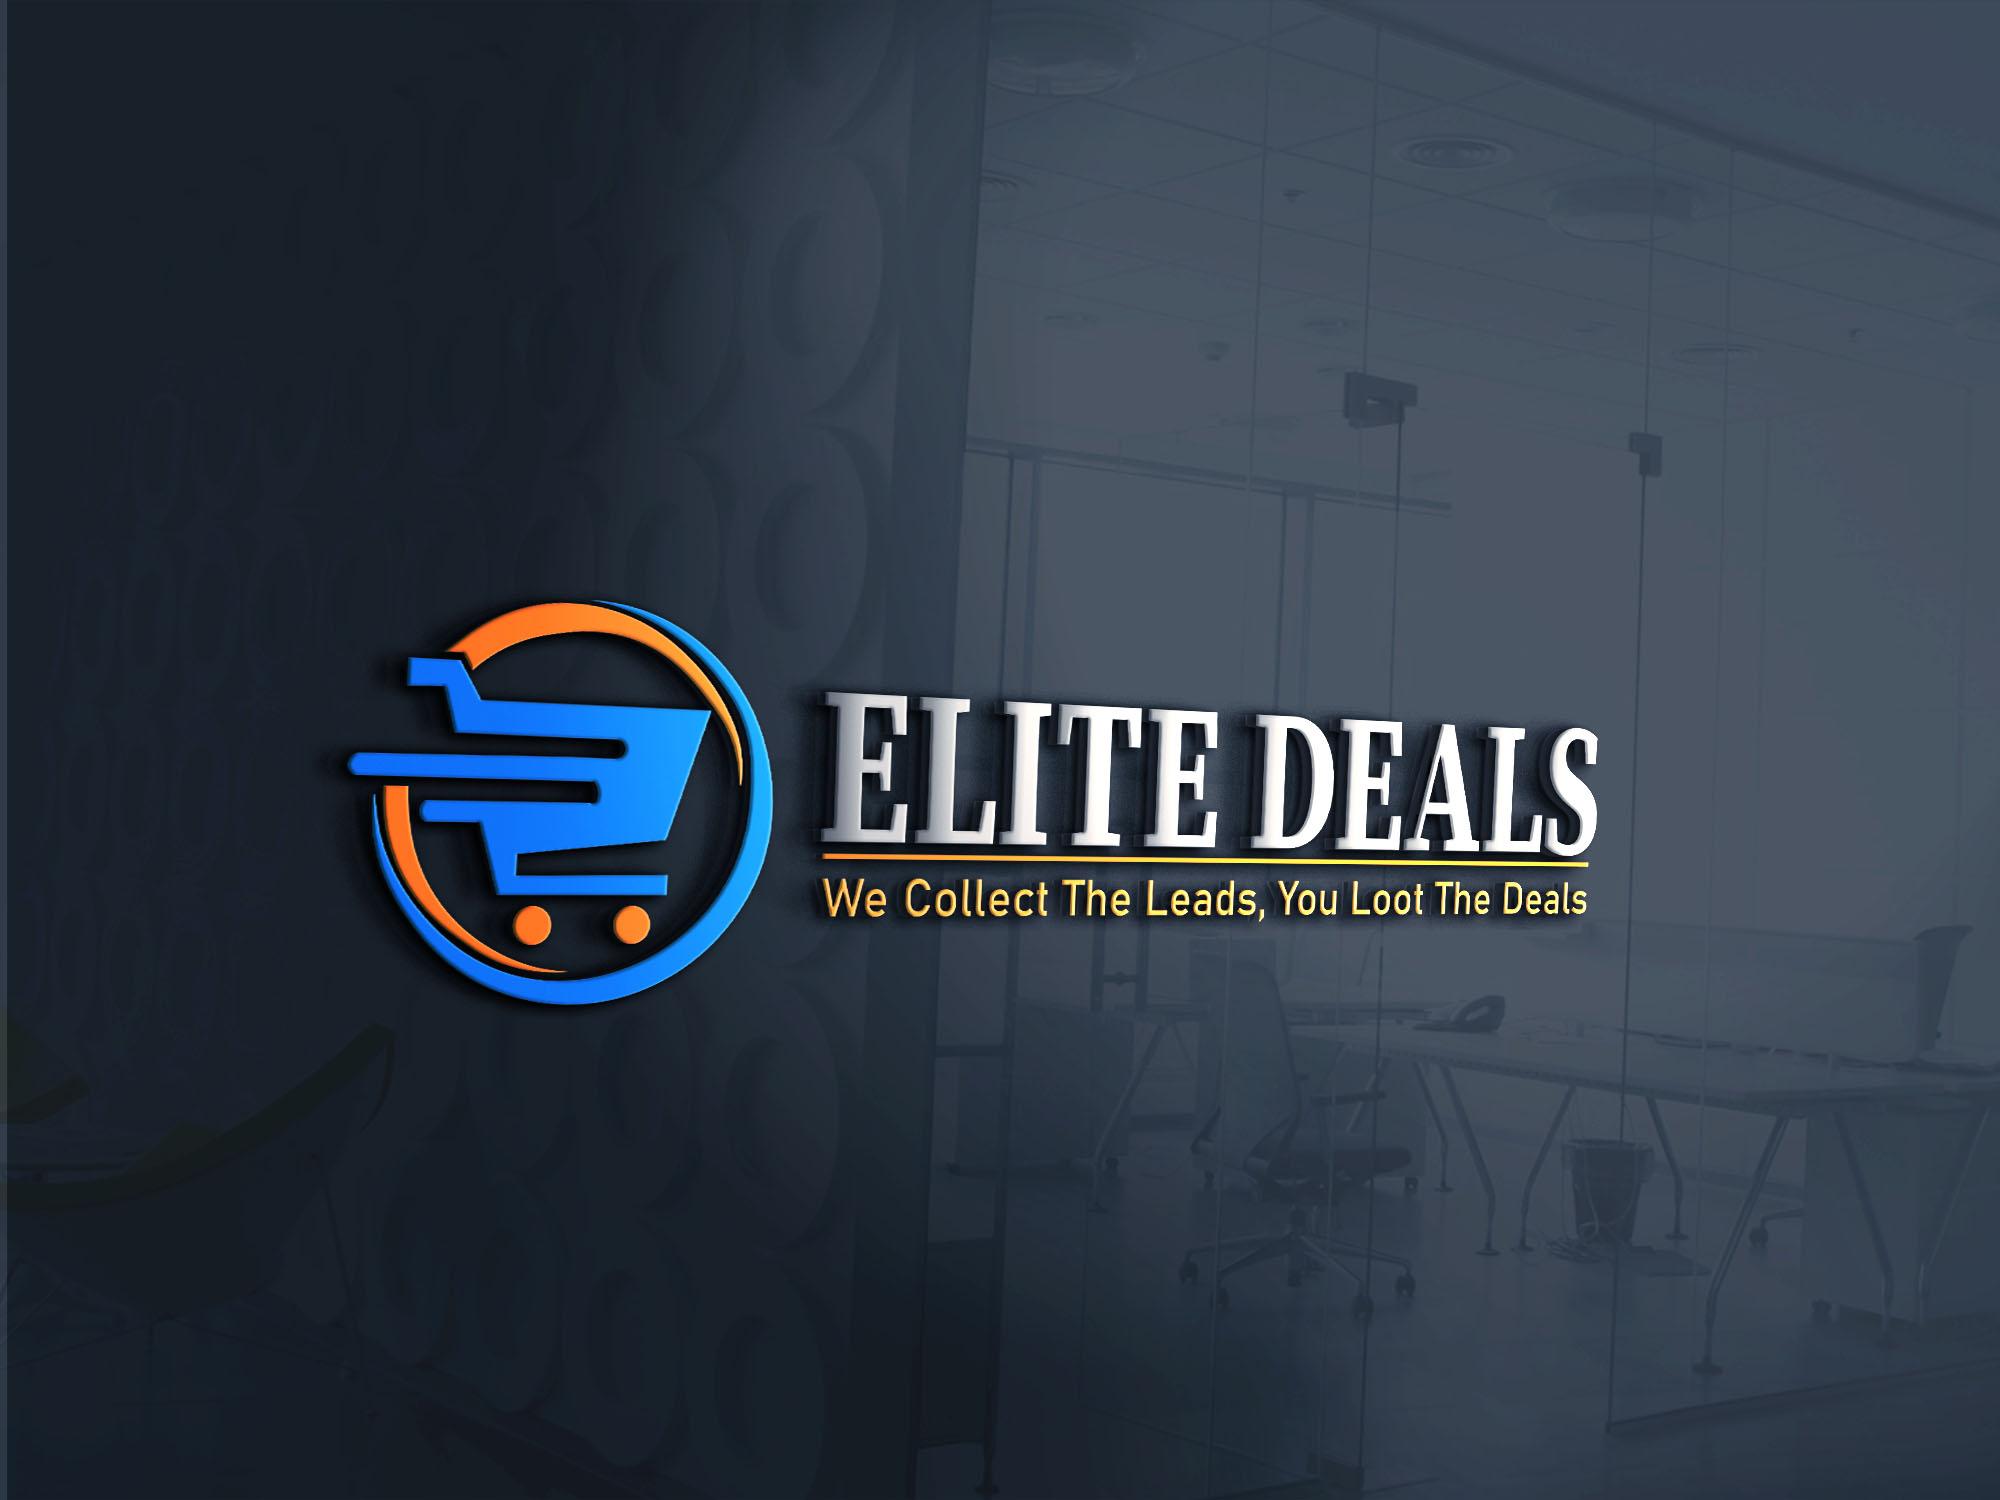 Elite Deals